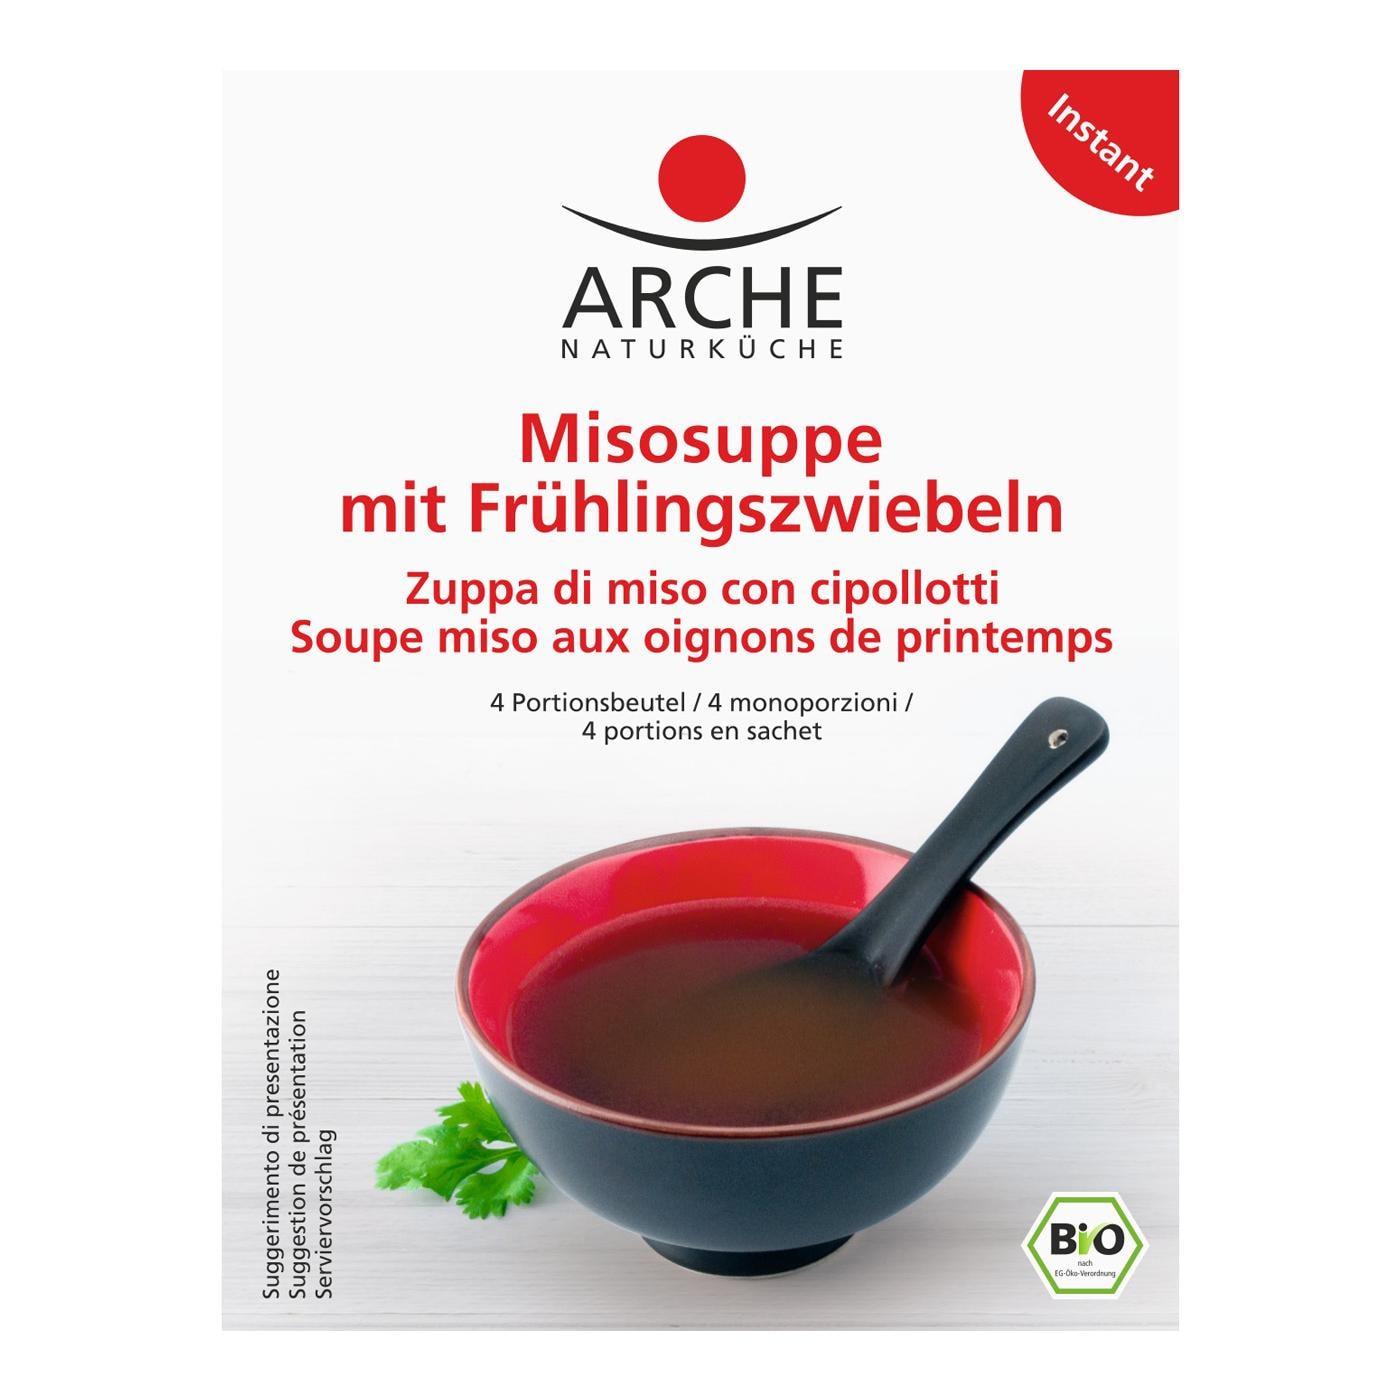 Arche Bio Misosuppe mit Frühlingszwiebeln 4x10g